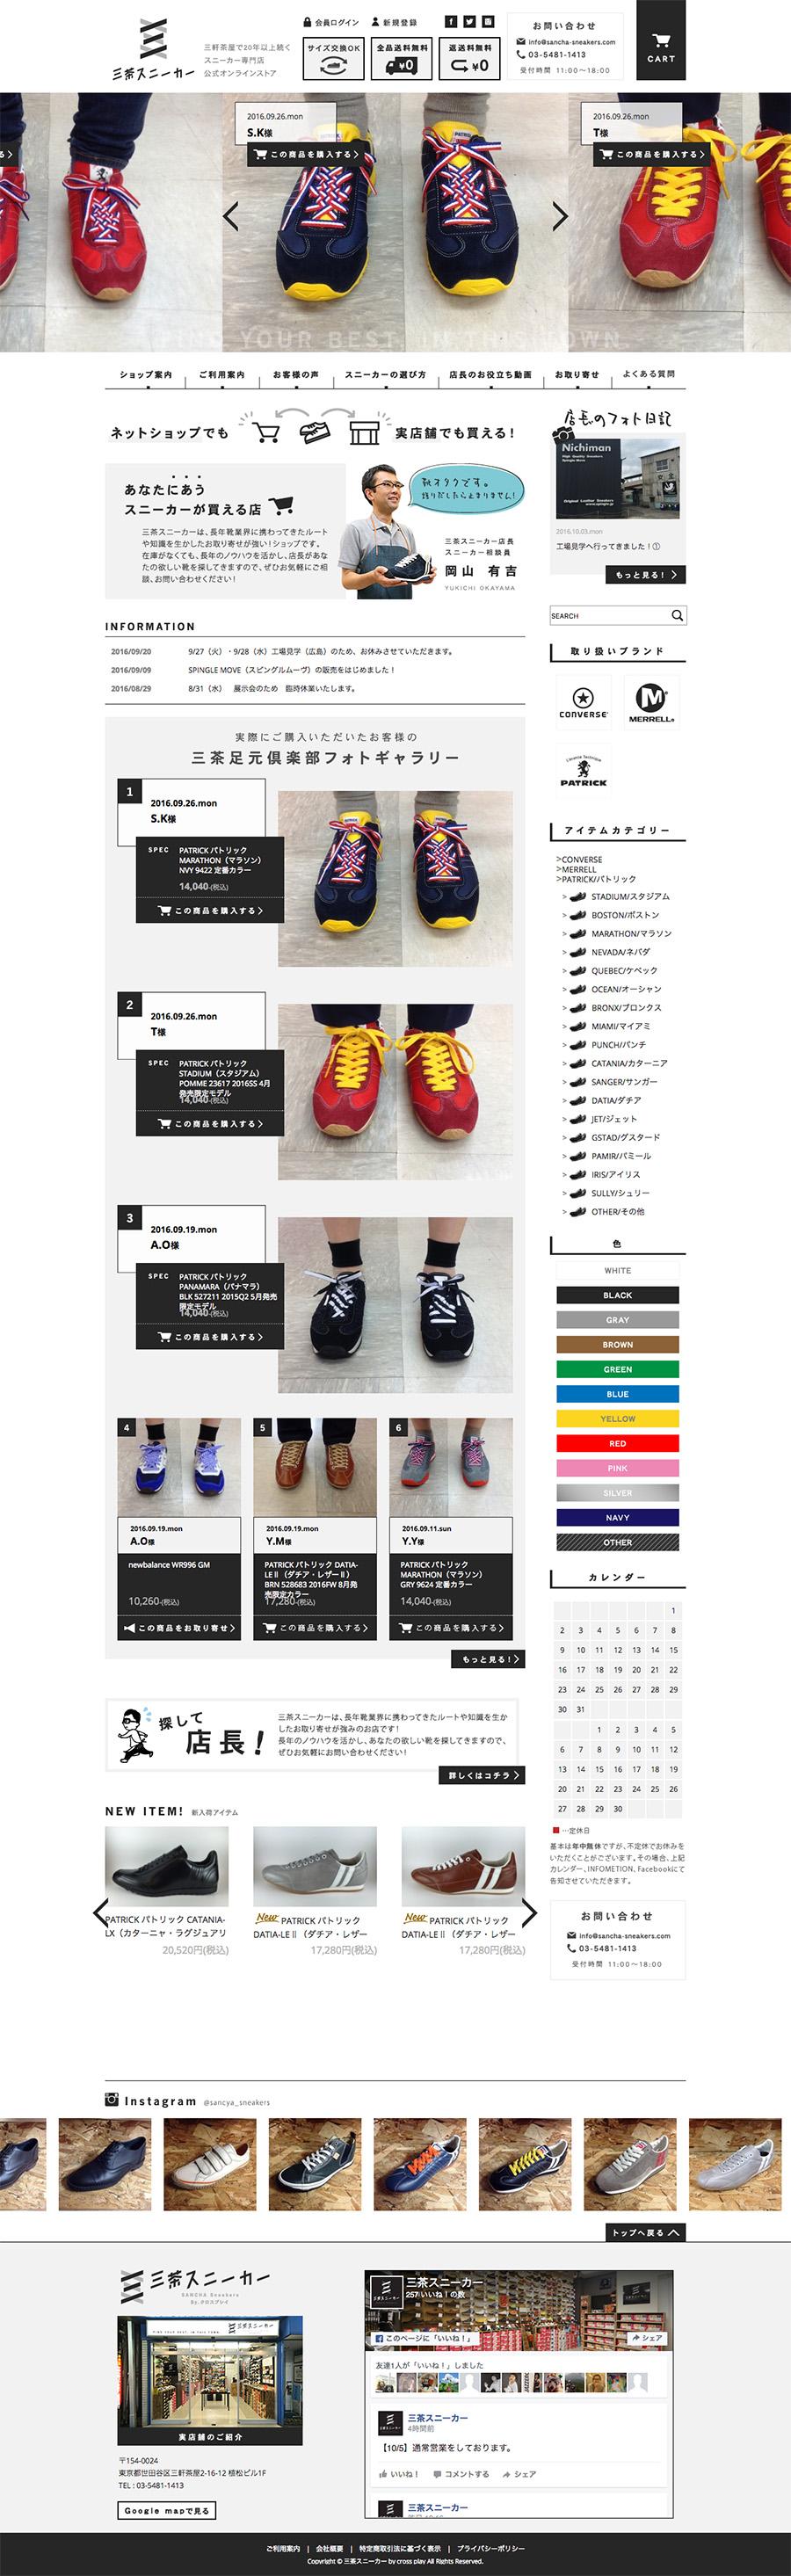 スニーカー専門店のトップページ